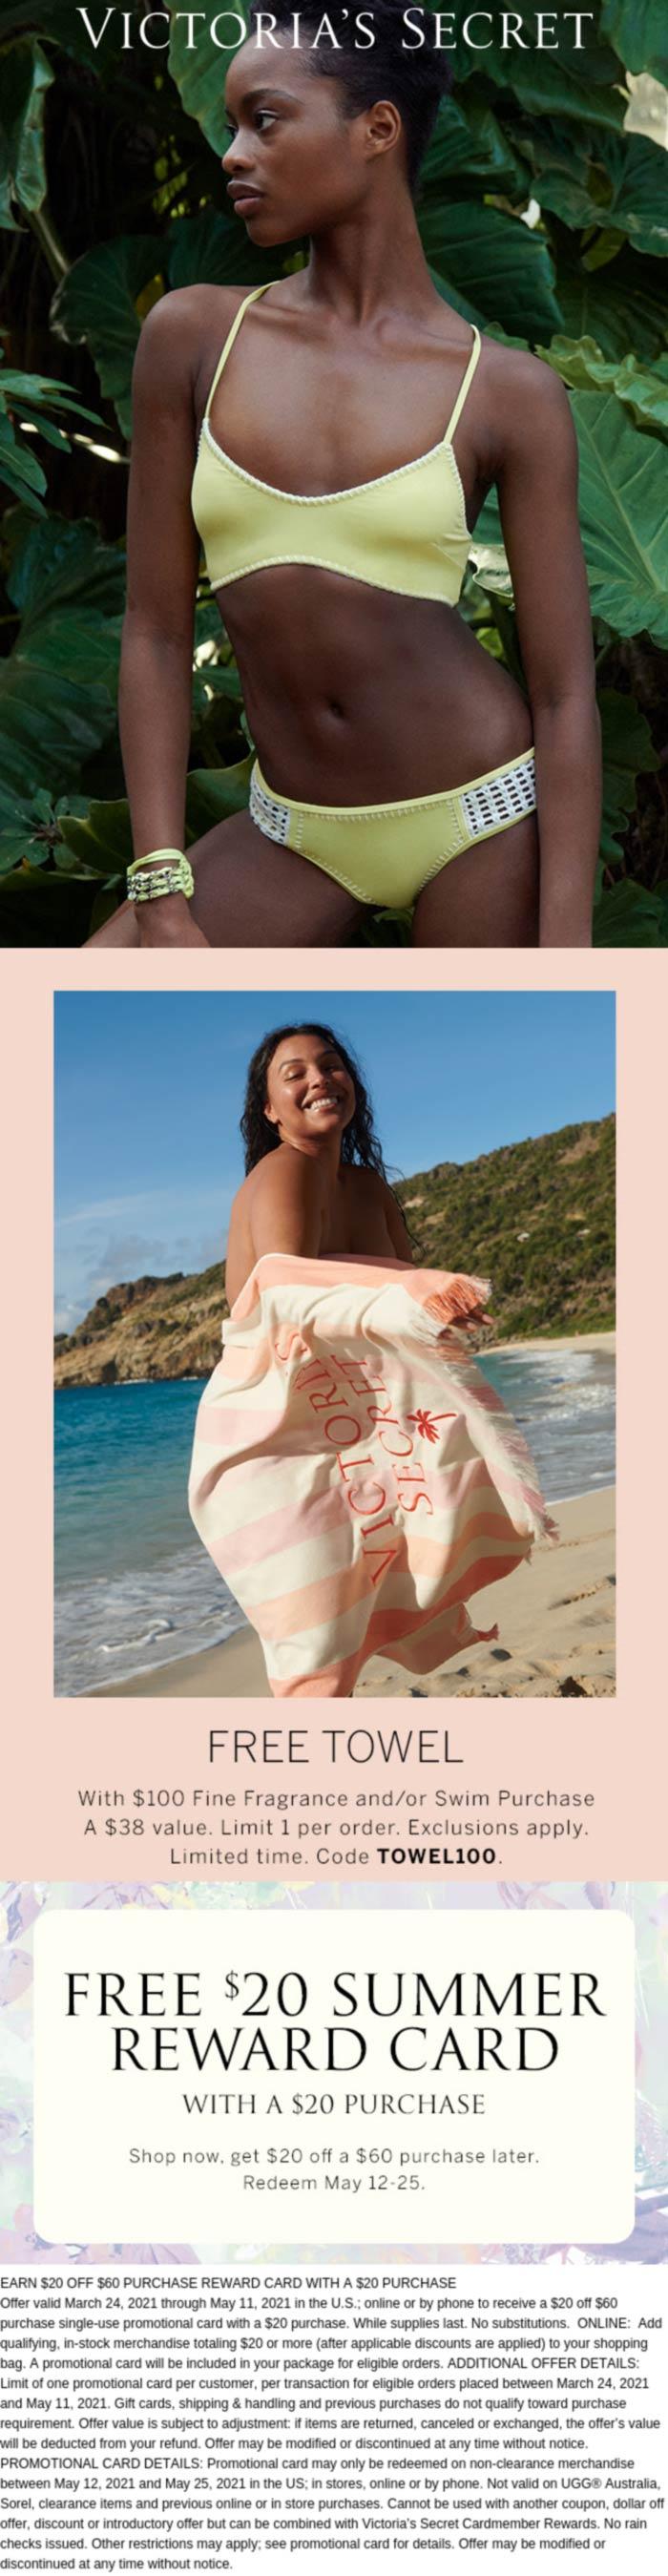 Victorias Secret stores Coupon  Free towel with $100 spent & more at Victorias Secret via promo code TOWEL100 #victoriassecret